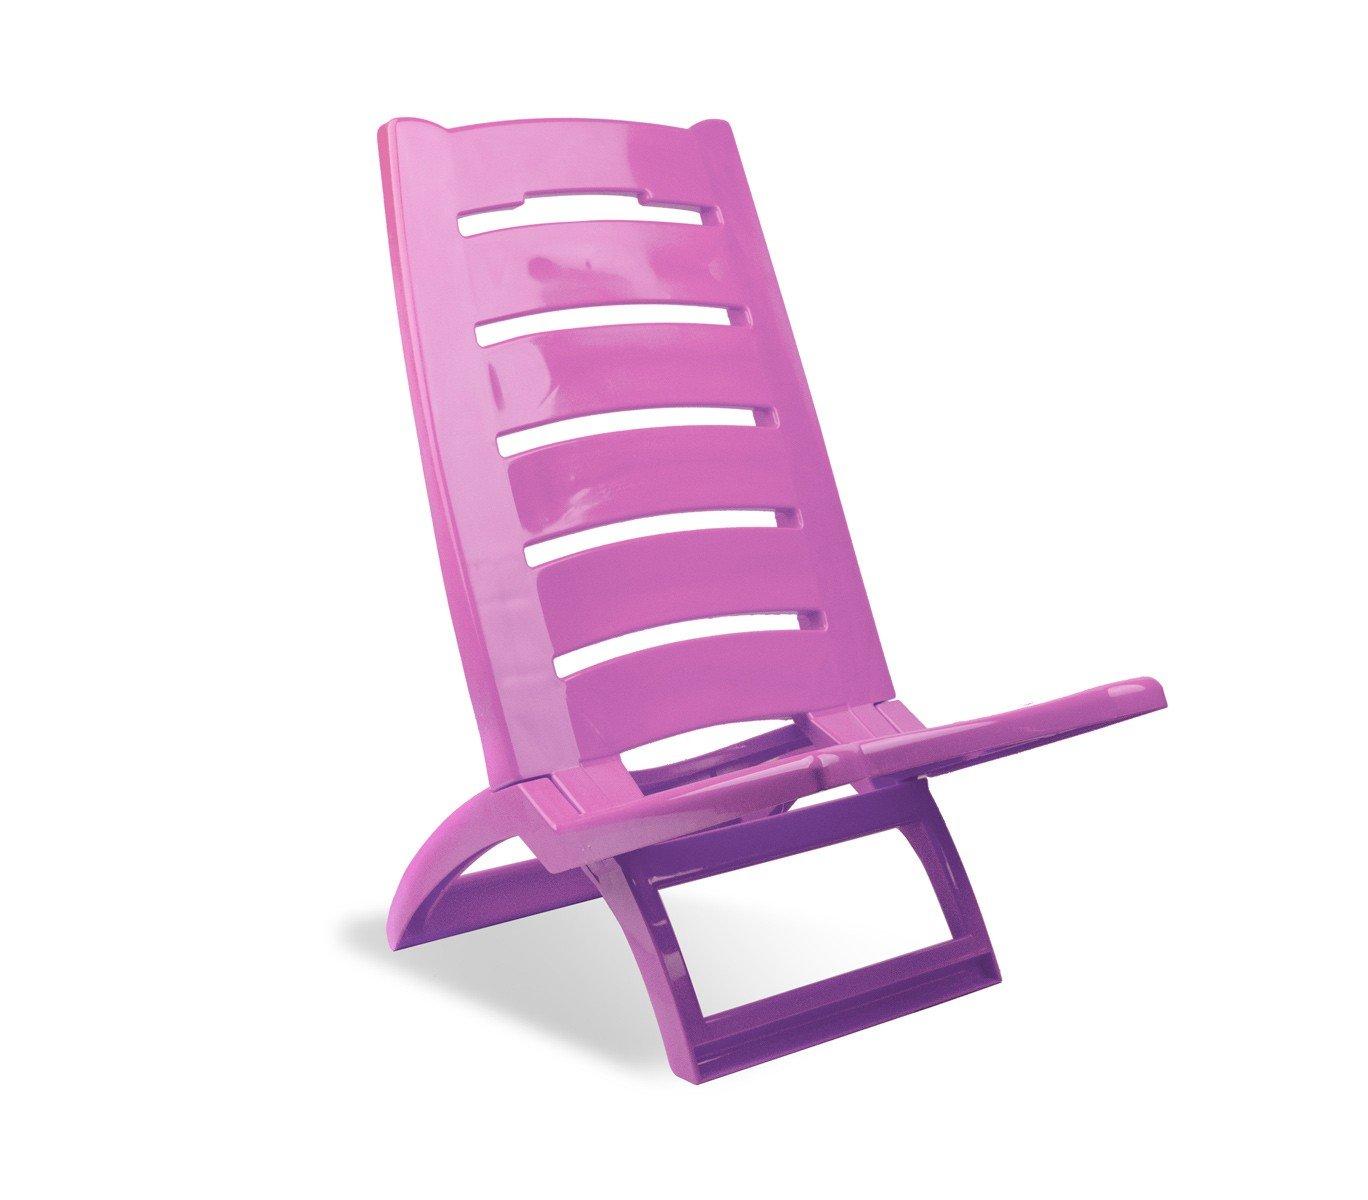 Silla plegable para la playa EVERTOP plástico rígido varios colores 65x38x50 cm - Violeta